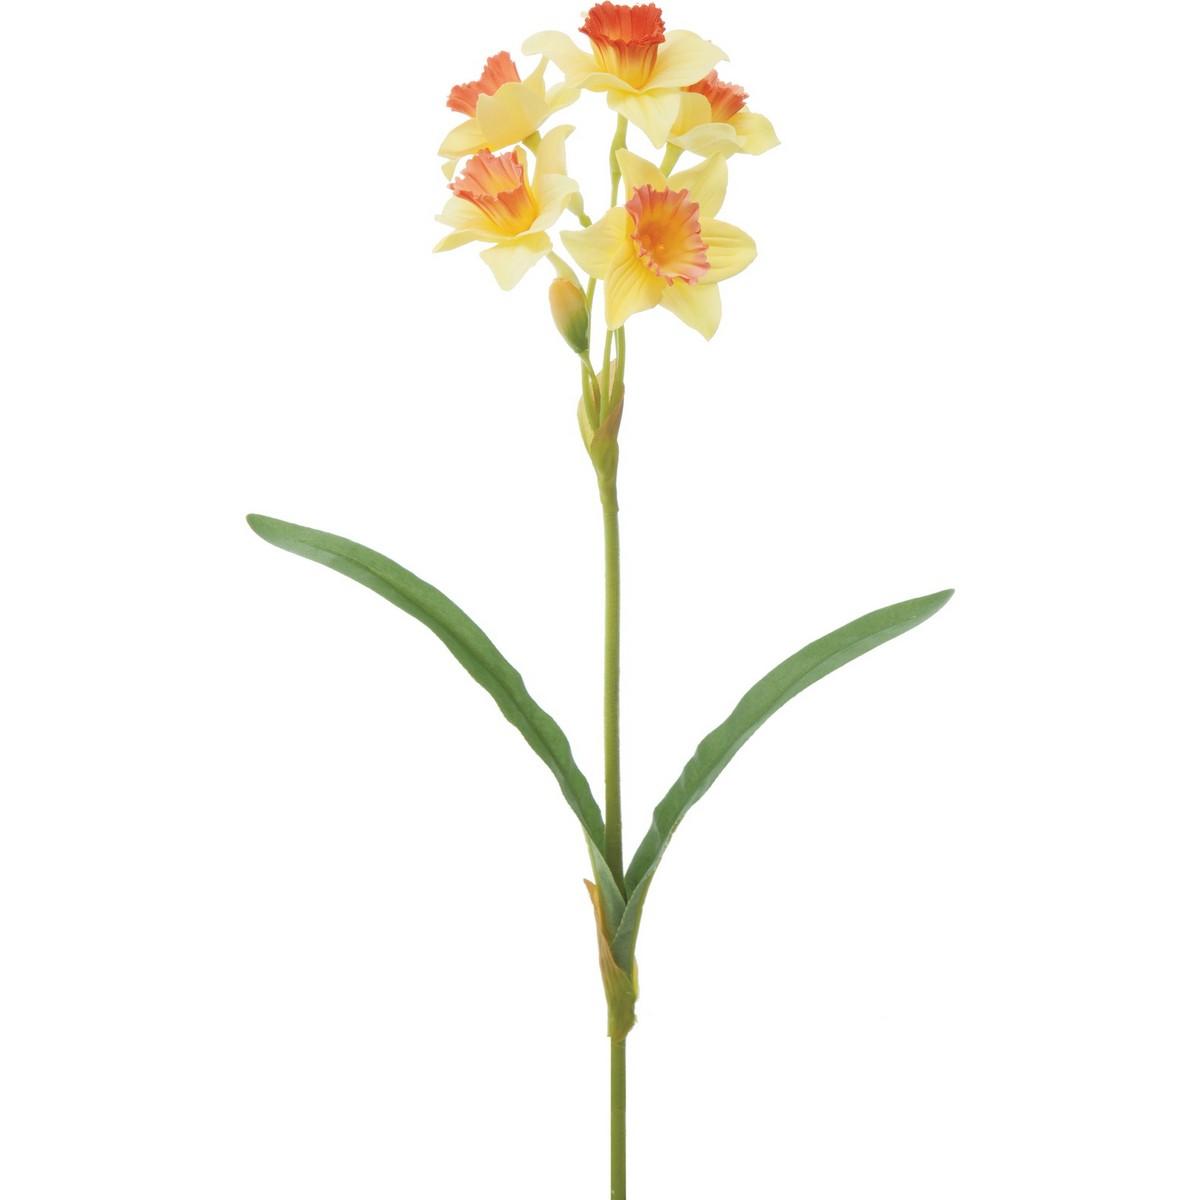 【造花】YDM/スイセン イエローオレンジ/FS-5246-YOR【01】【取寄】《 造花(アーティフィシャルフラワー) 造花 花材「さ行」 スイセン(水仙) 》